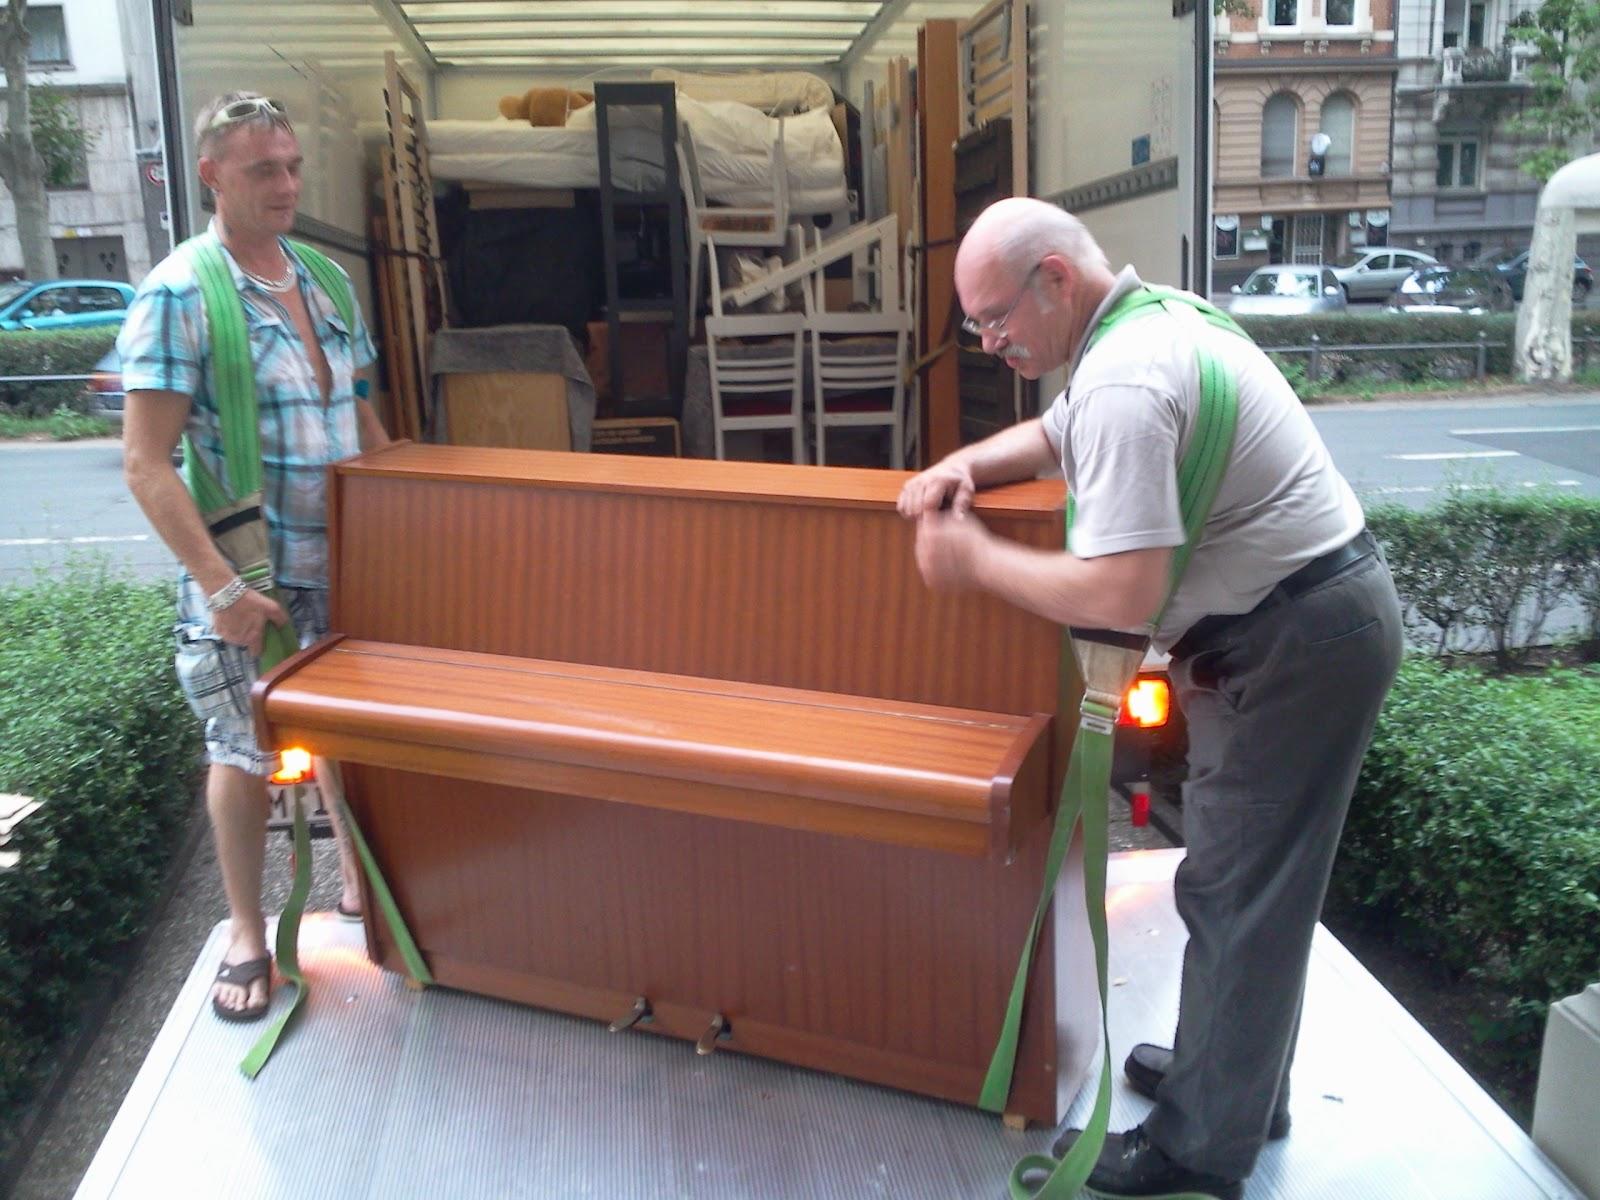 geschichten der greifswaldhelfer klaviertransport. Black Bedroom Furniture Sets. Home Design Ideas